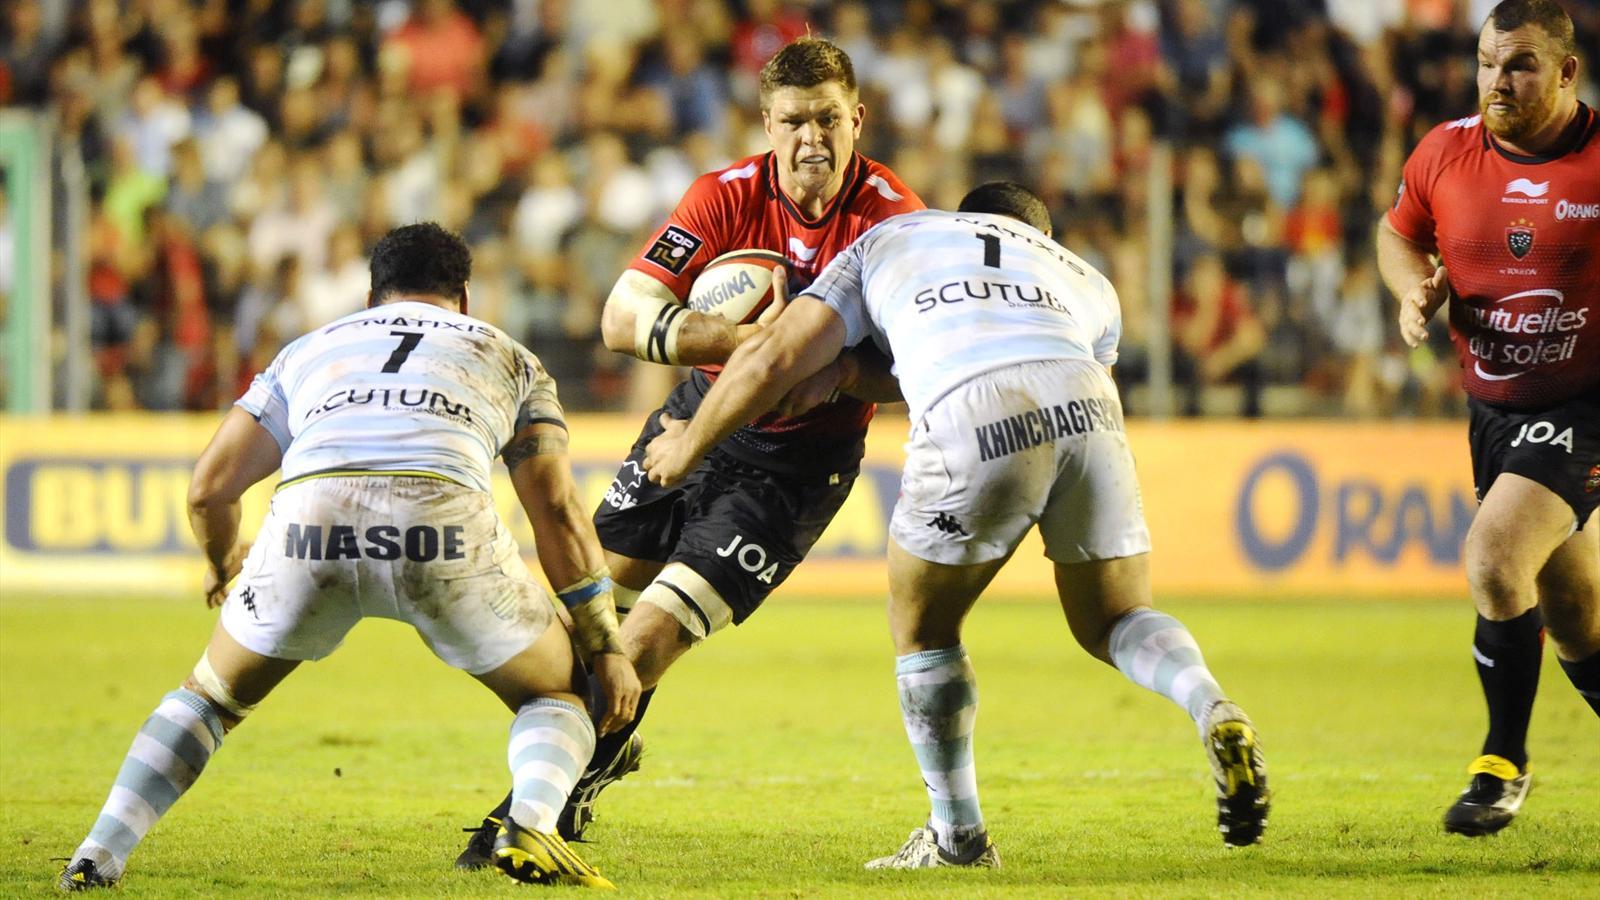 La charge de Juan Smith, le troisième ligne de Toulon, contre le Racing 92 - 21 août 2015